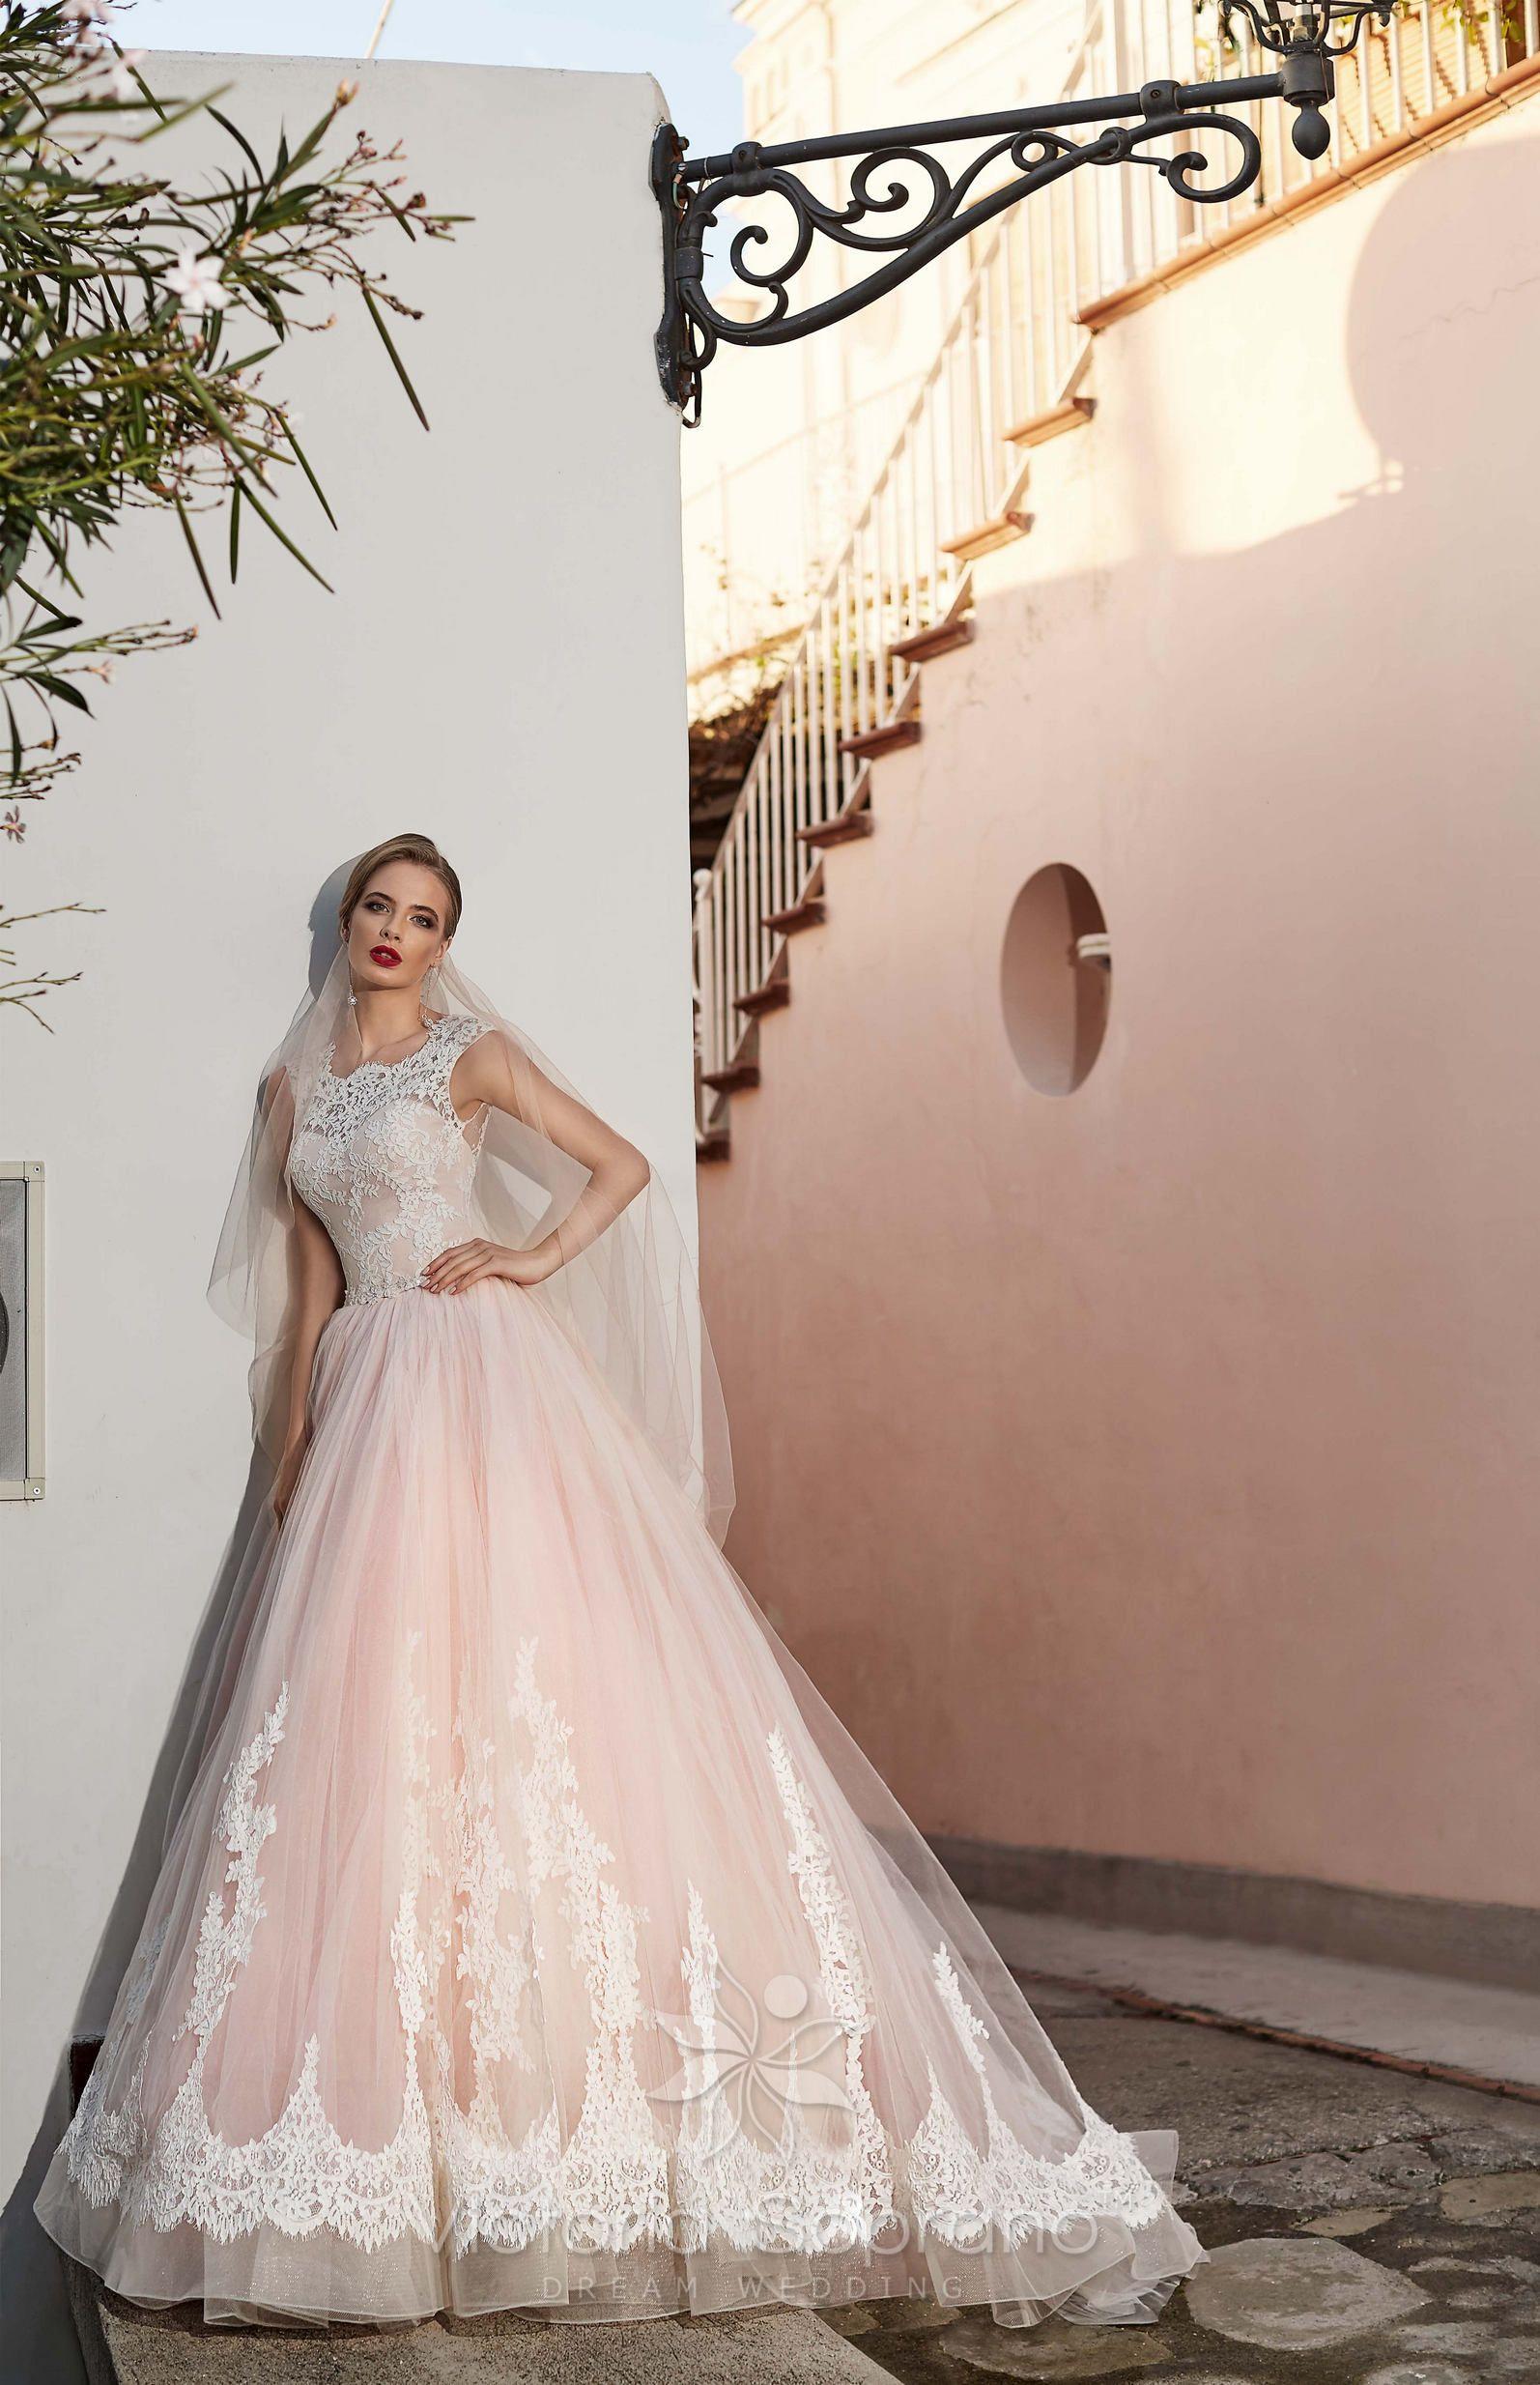 Victoria Soprano Franchesca. Próbálható a Nefelejcs ruhaszalonban. Gyönyörű  Francia csipke menyasszonyi ruha. 3bf0c1032e